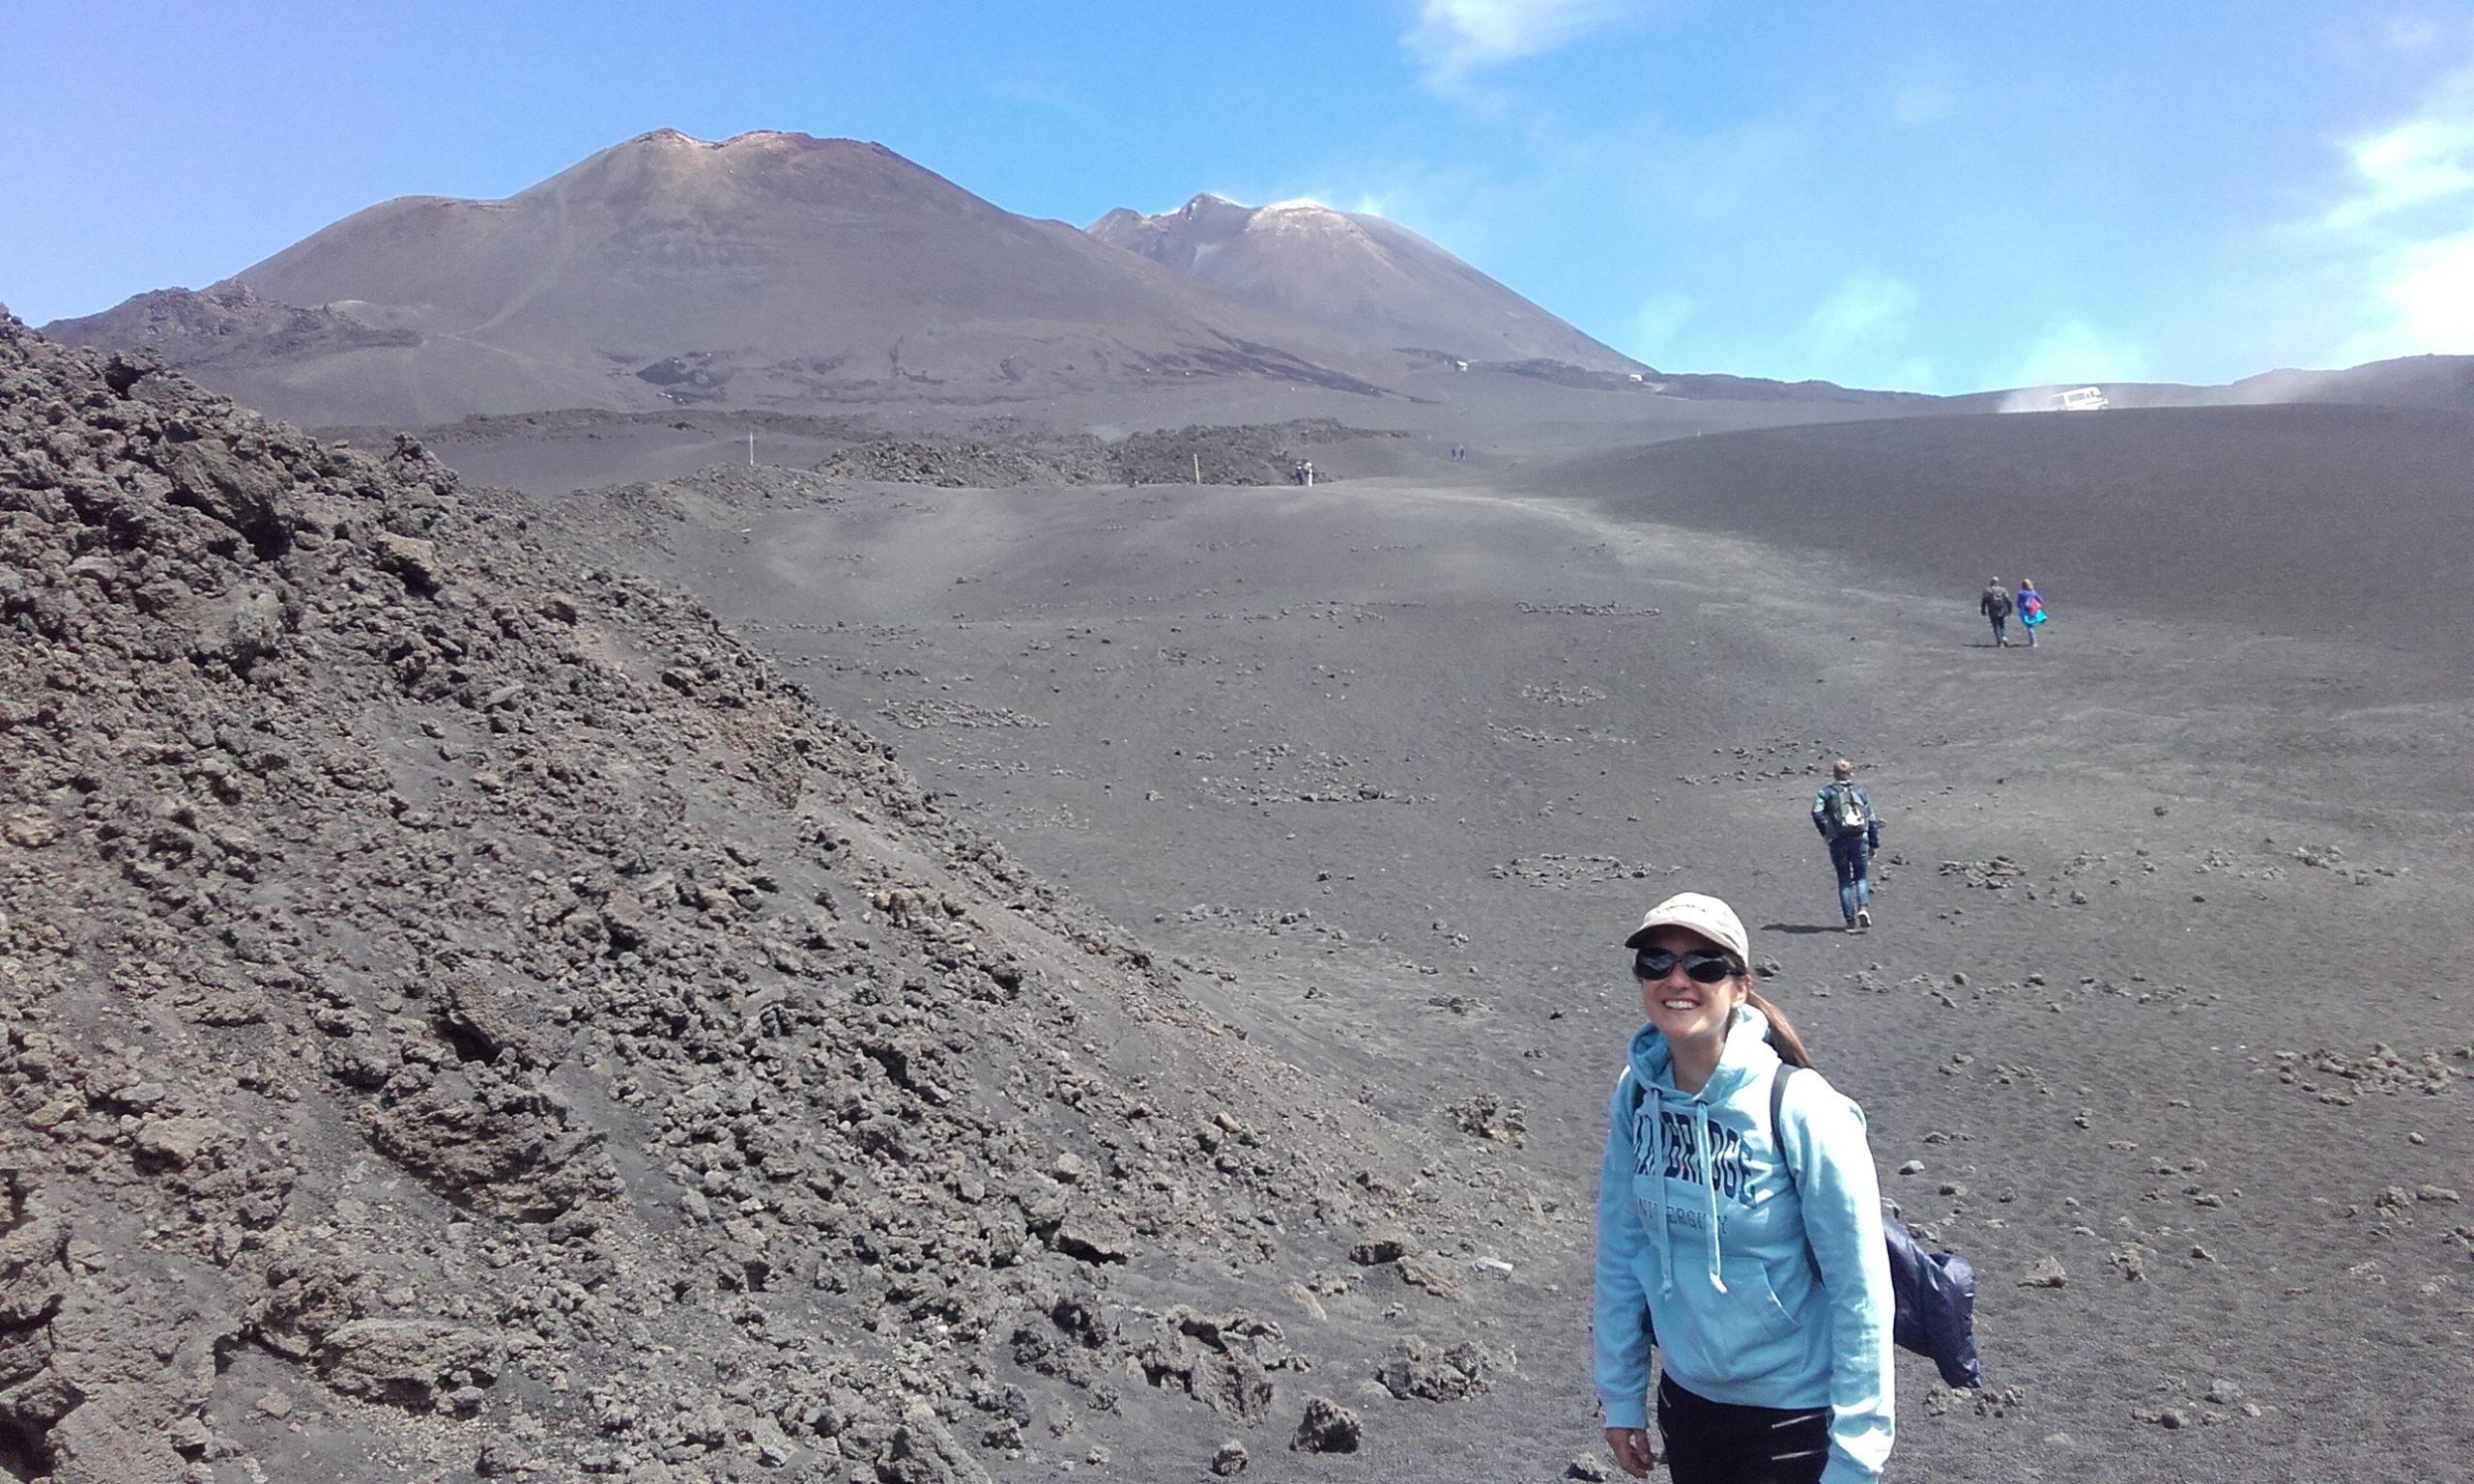 De camino a la Torre del Filósofo, con el Etna en el horizonte